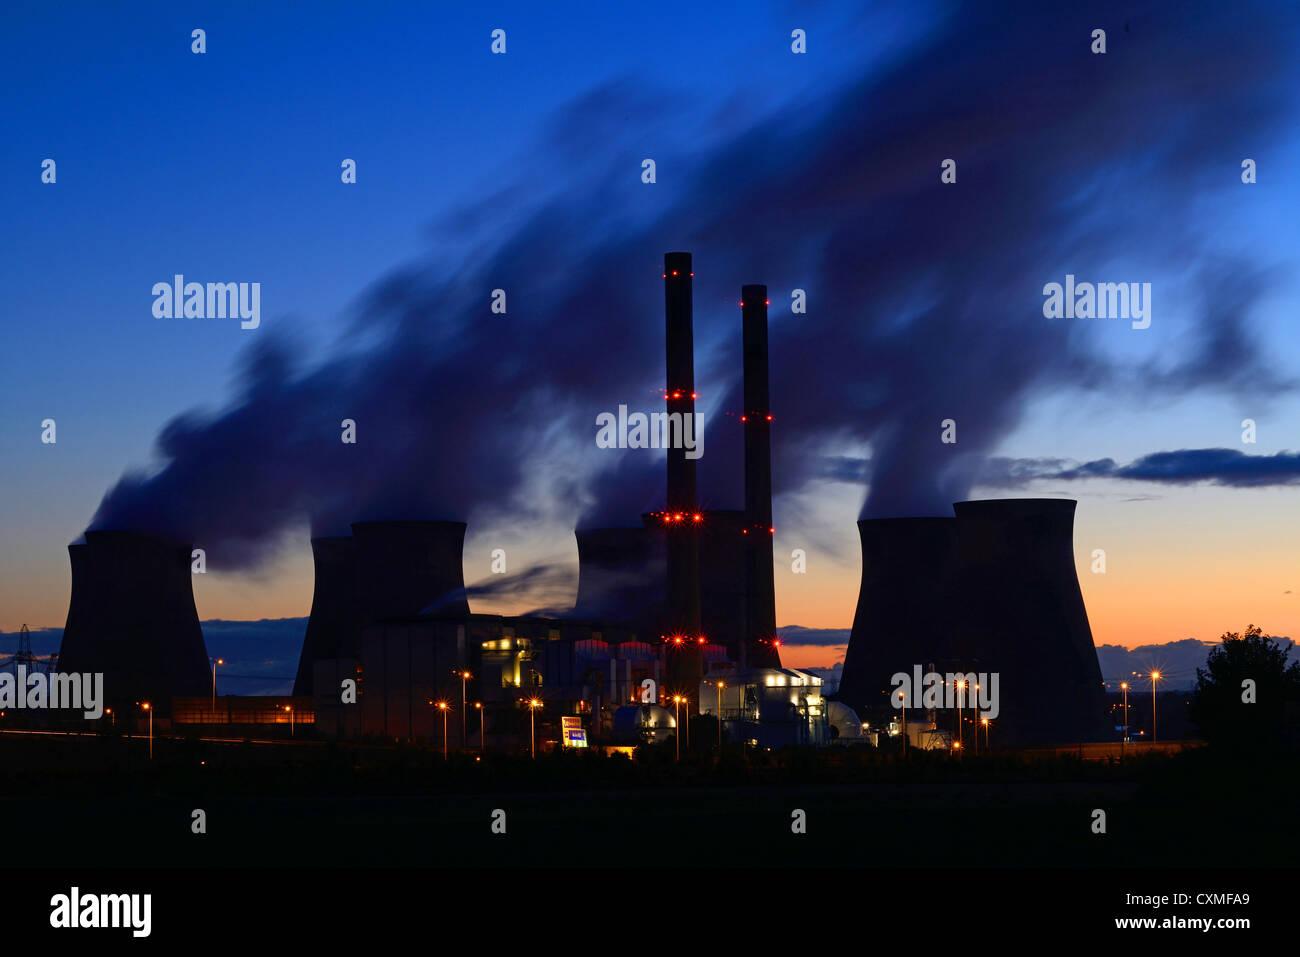 Sonnenaufgang bei Ferrybridge Kohle betriebene Kraftwerk Yorkshire UK Stockbild